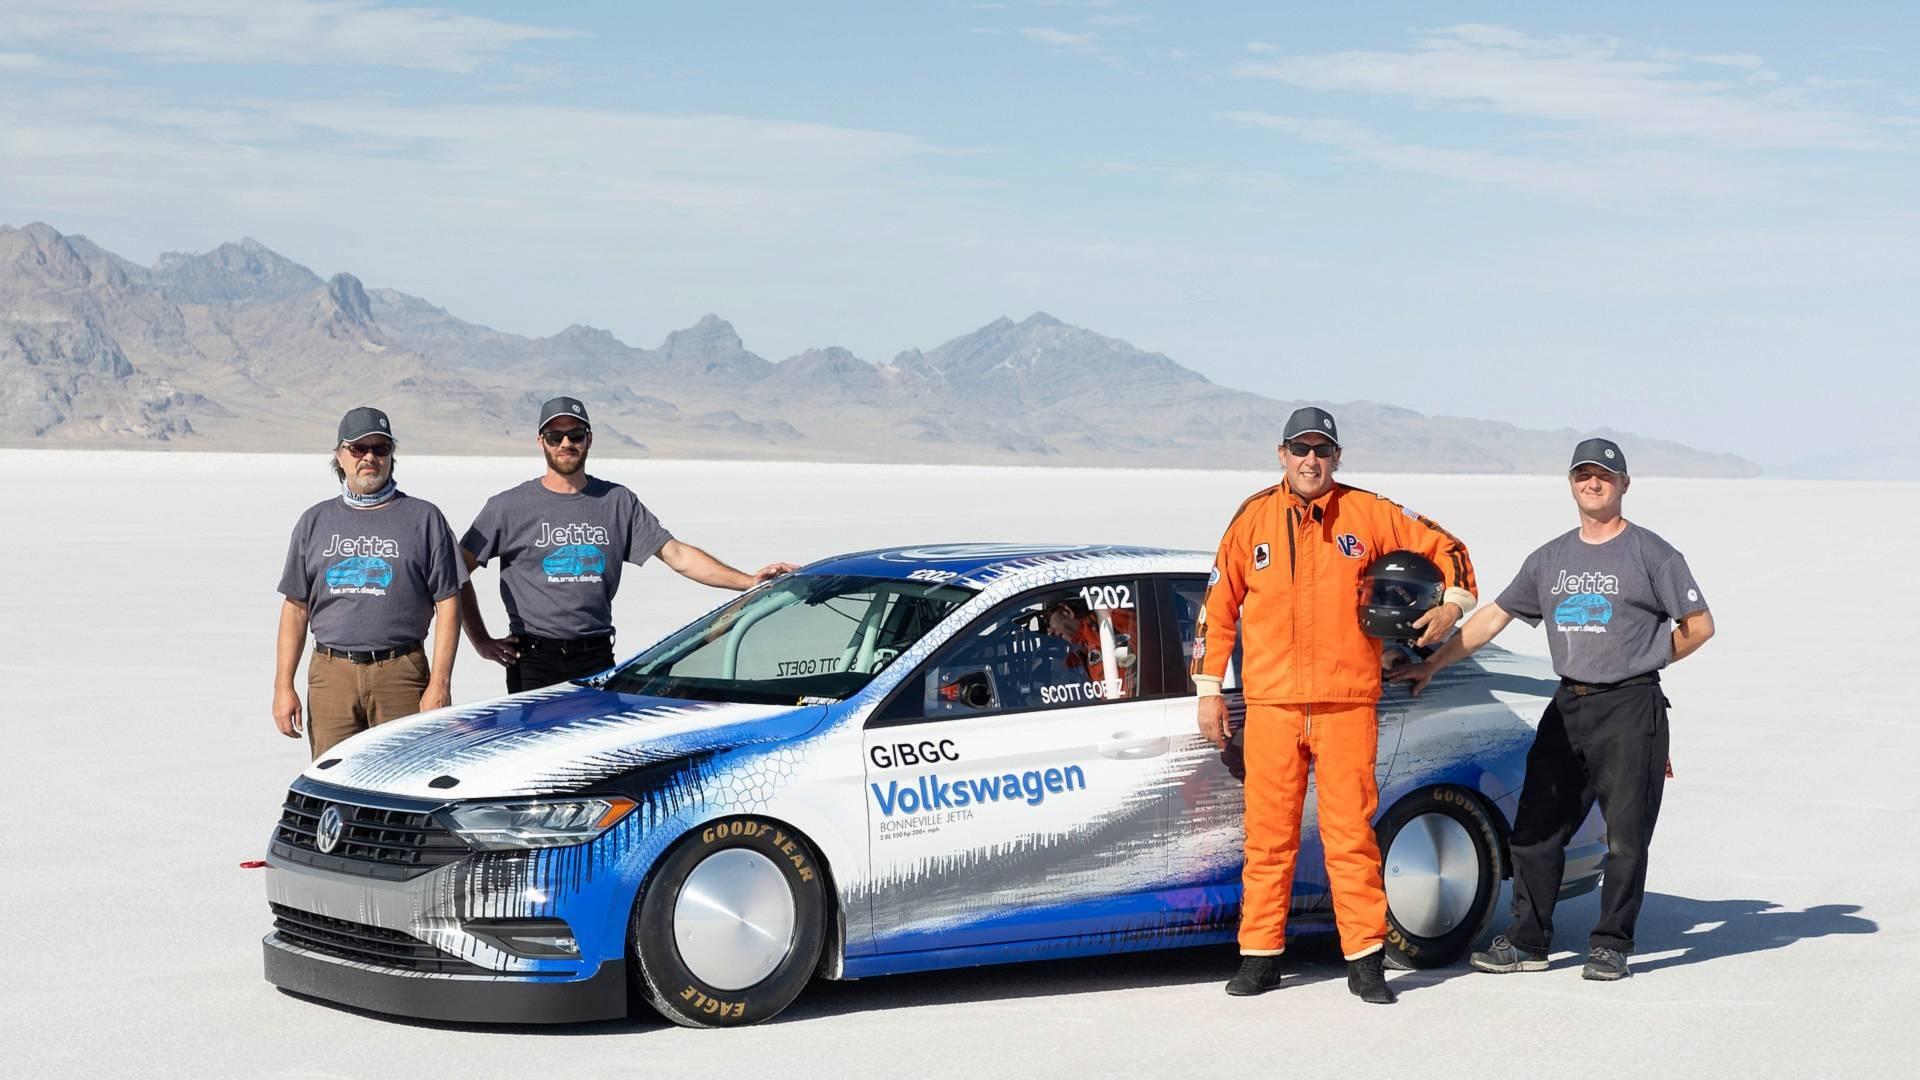 大众改装Jetta时速达338公里 刷新速度纪录